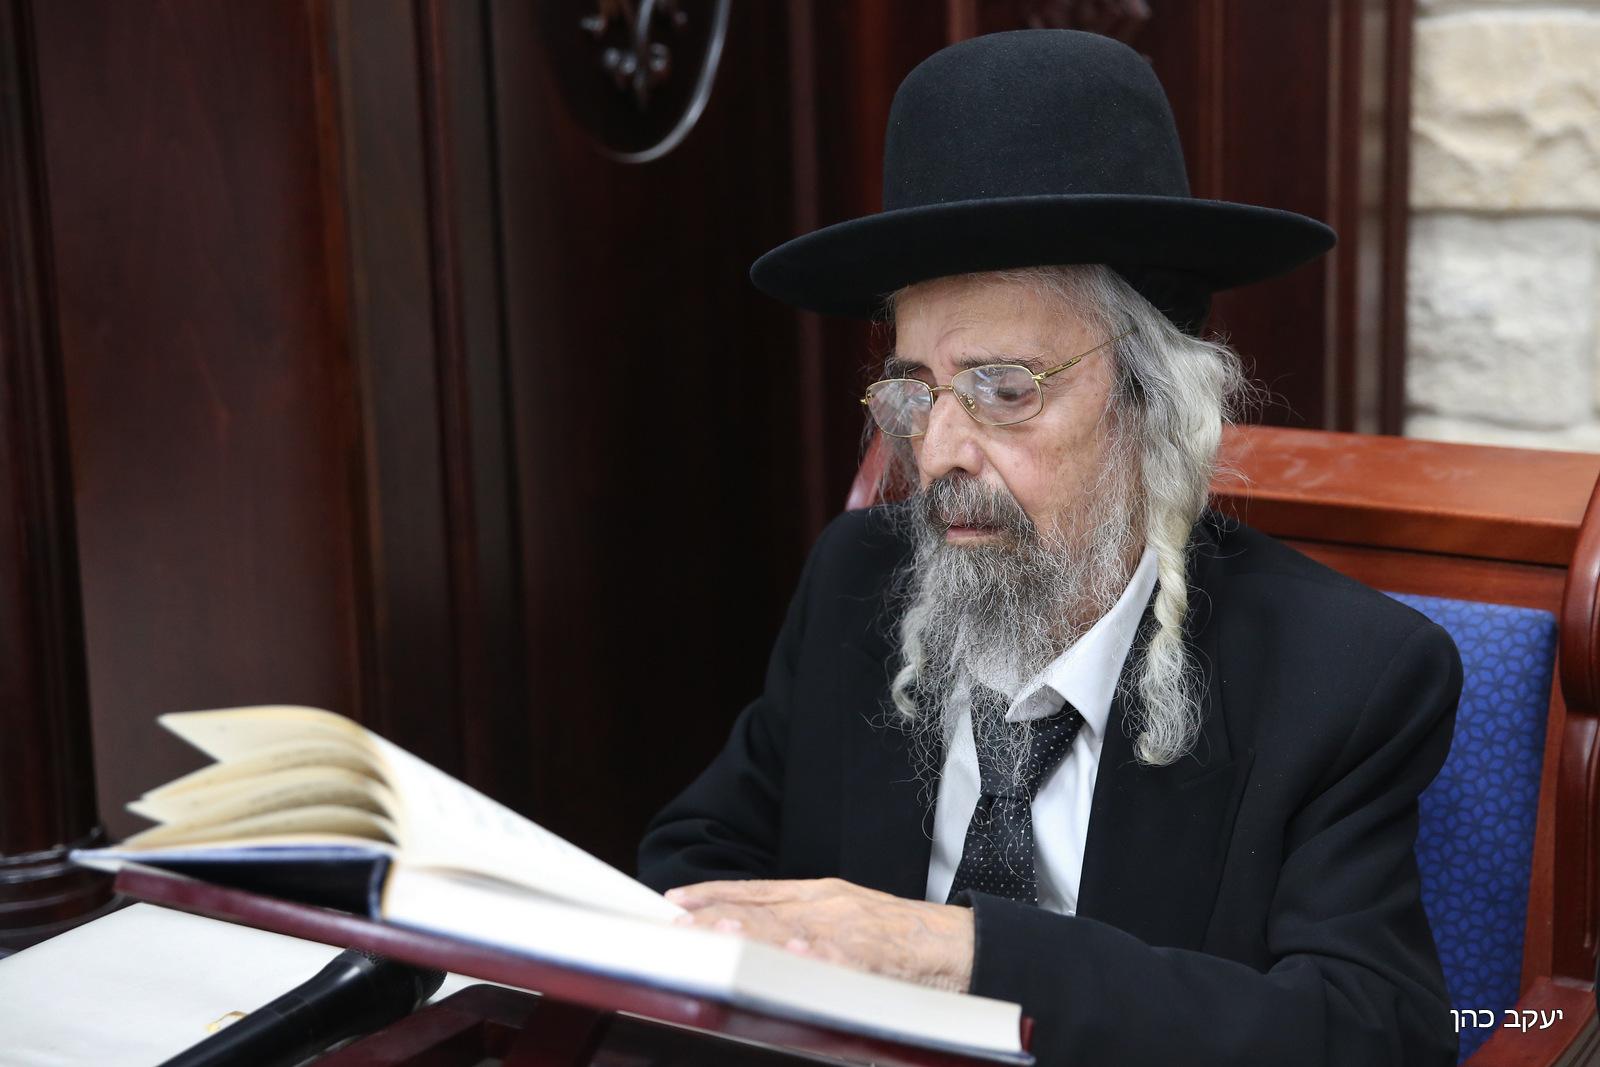 הרב שלמה קורח (5)